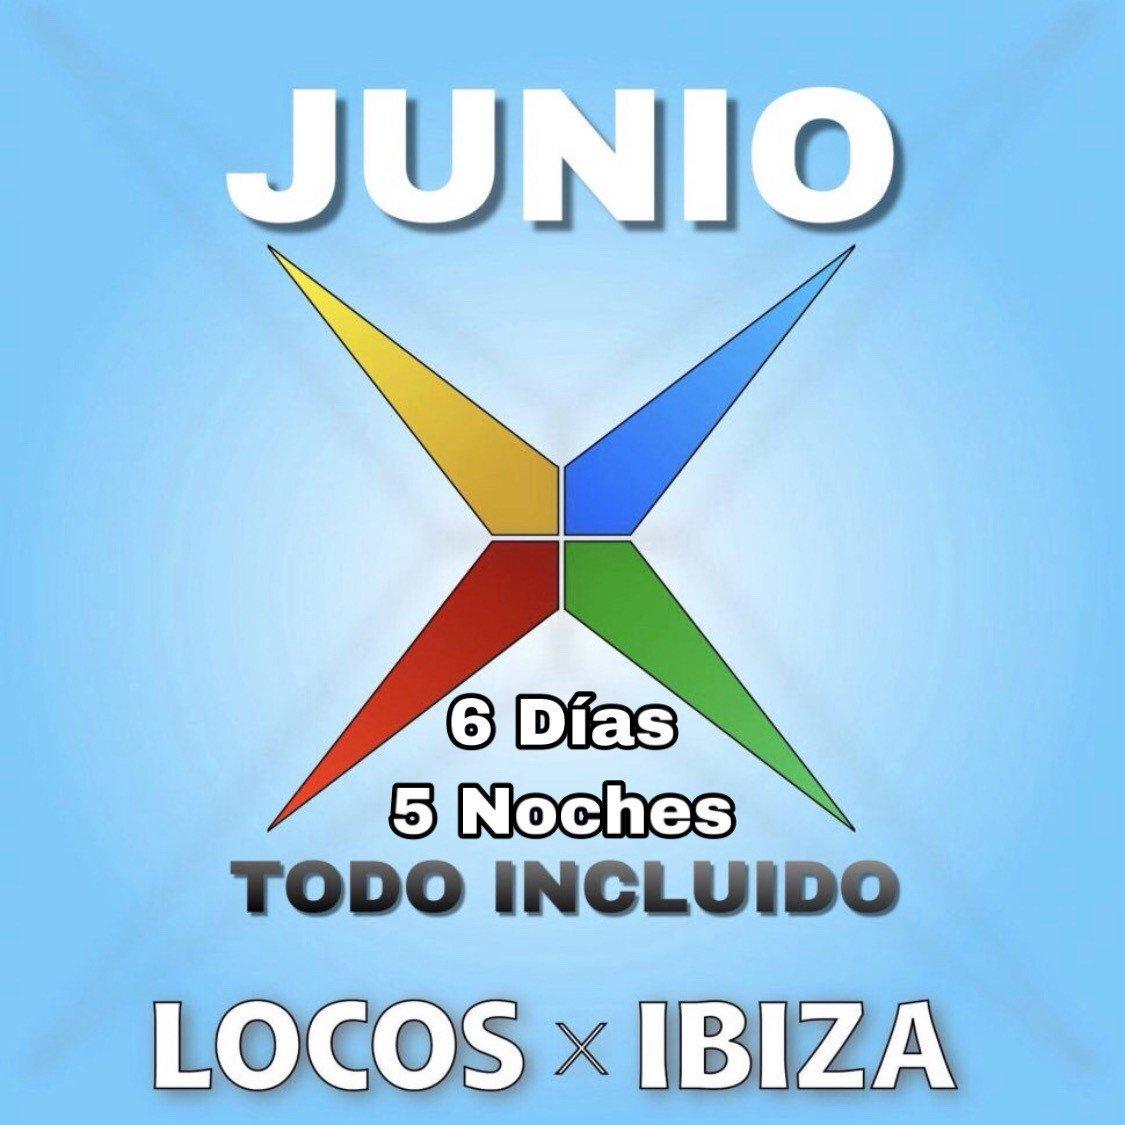 Junio packs ibiza